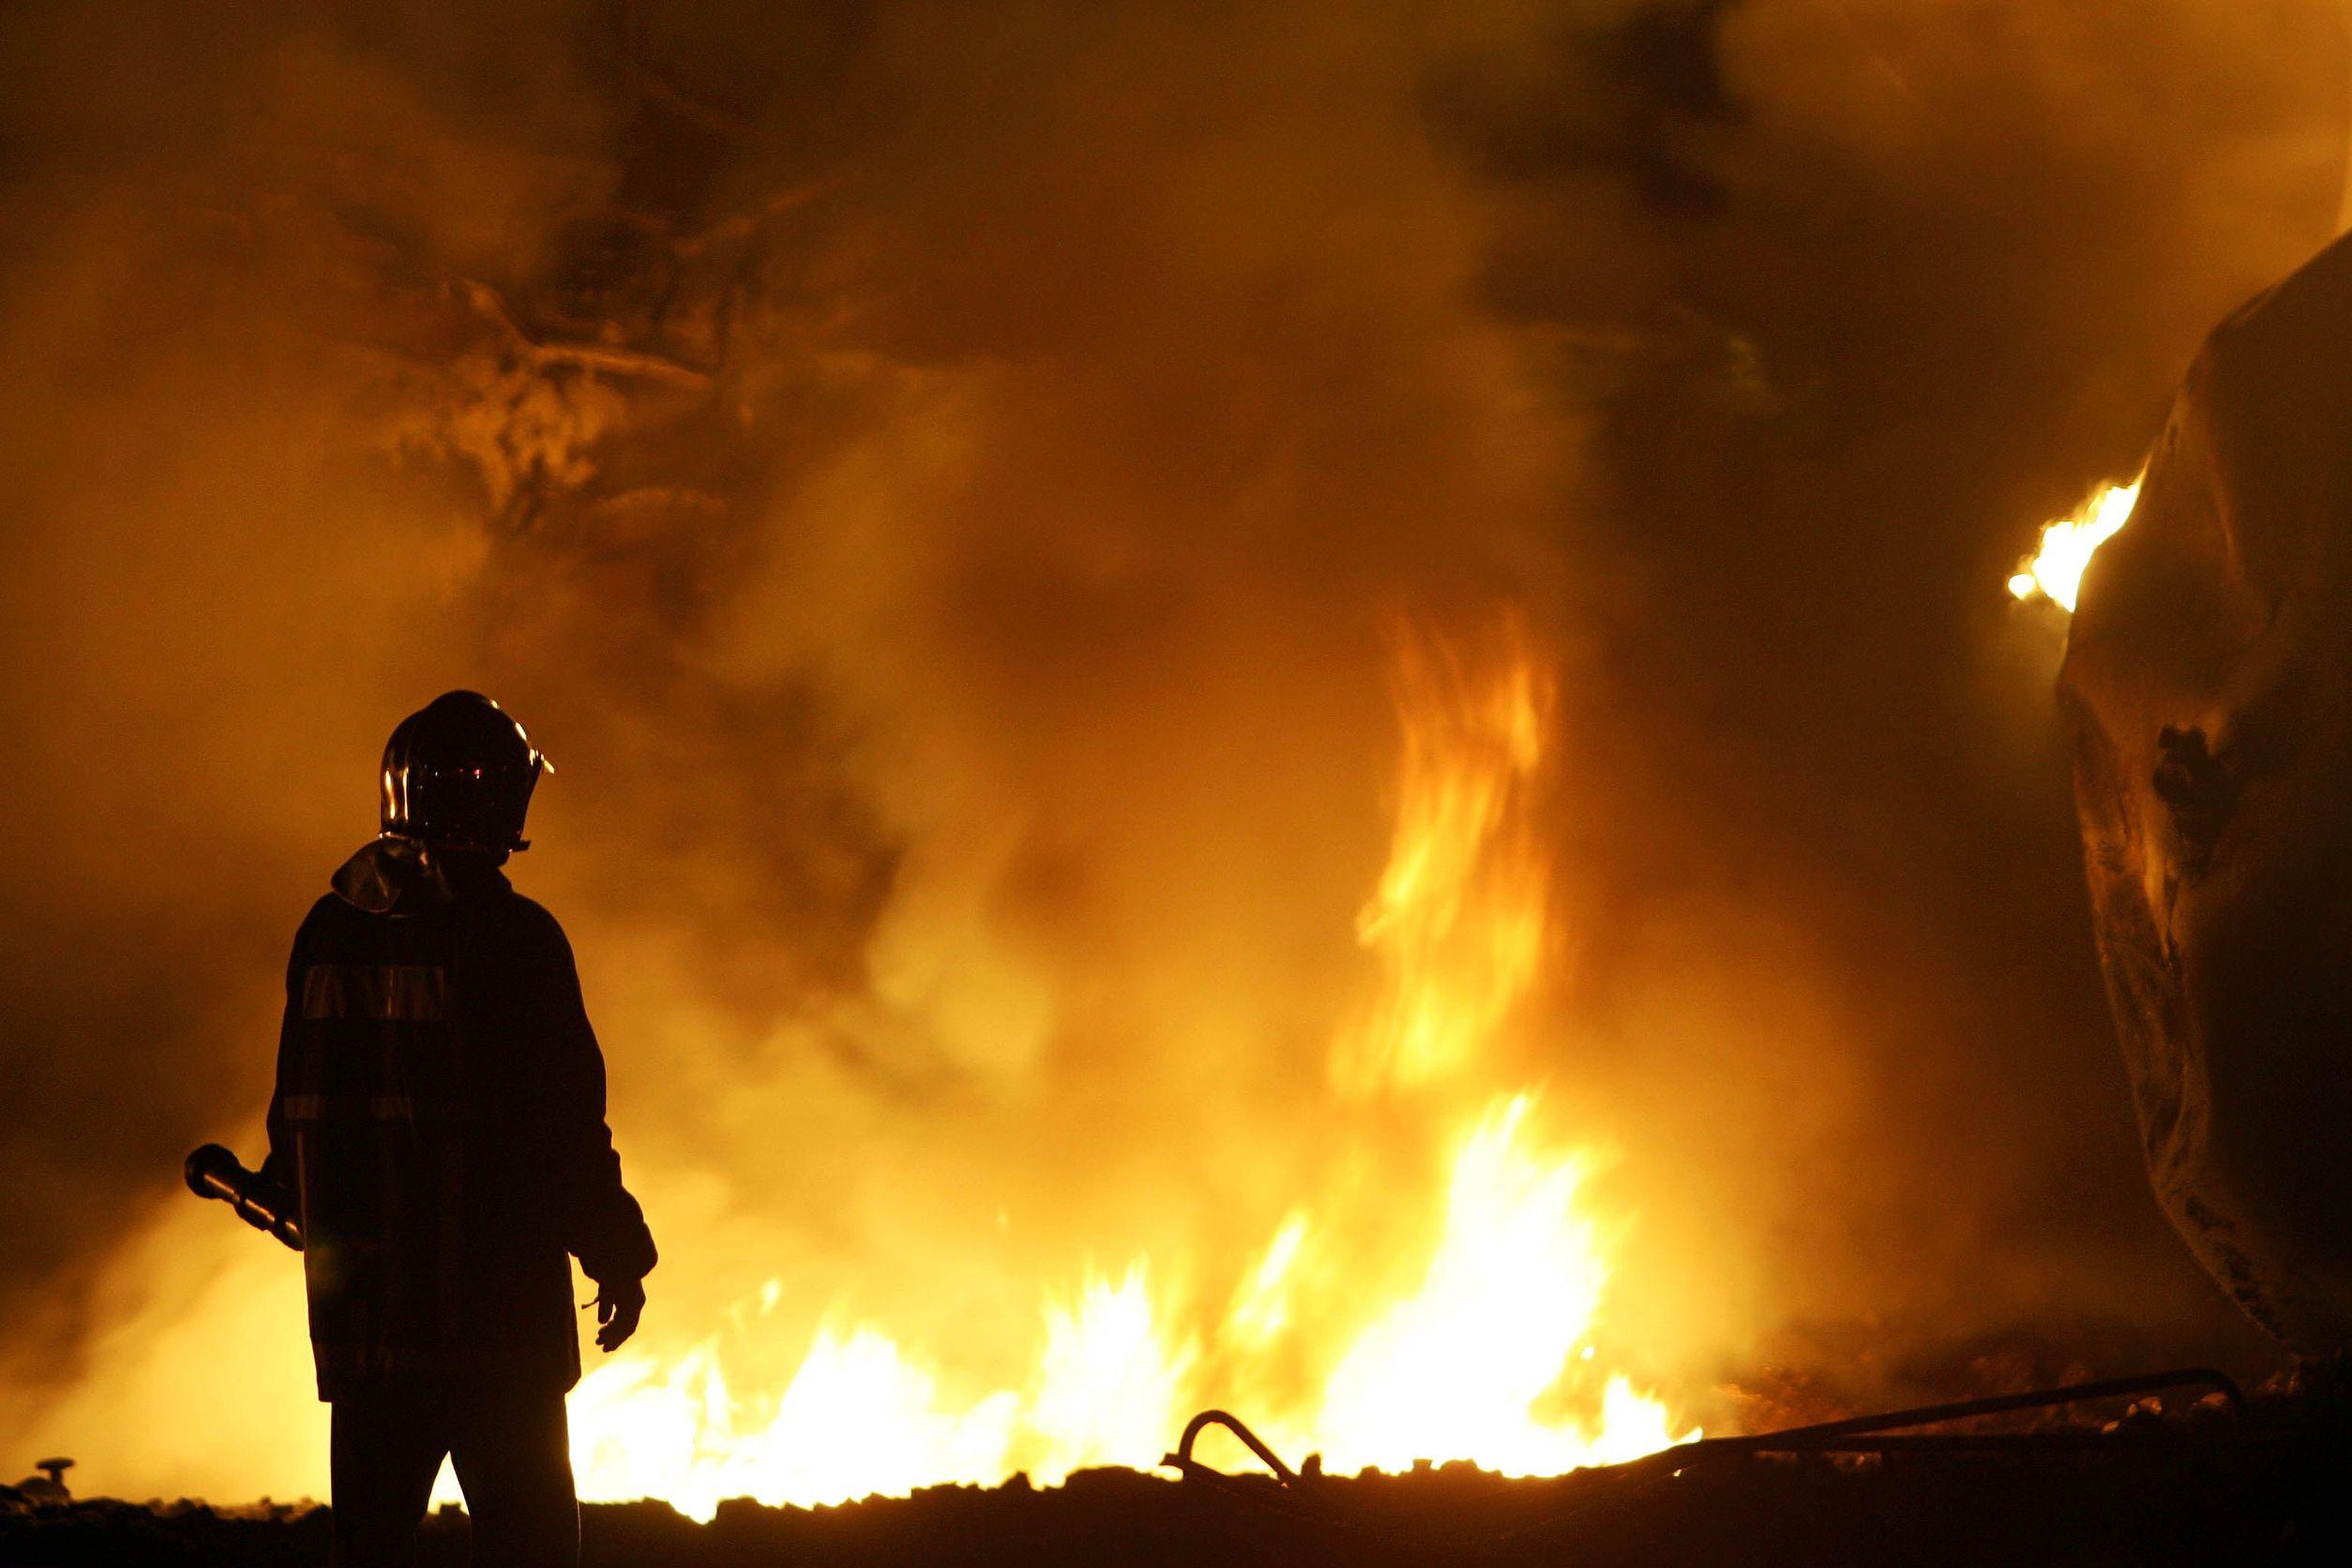 נזקי שריפה: איך ניתן לקבל פיצויים על נזקי אש?